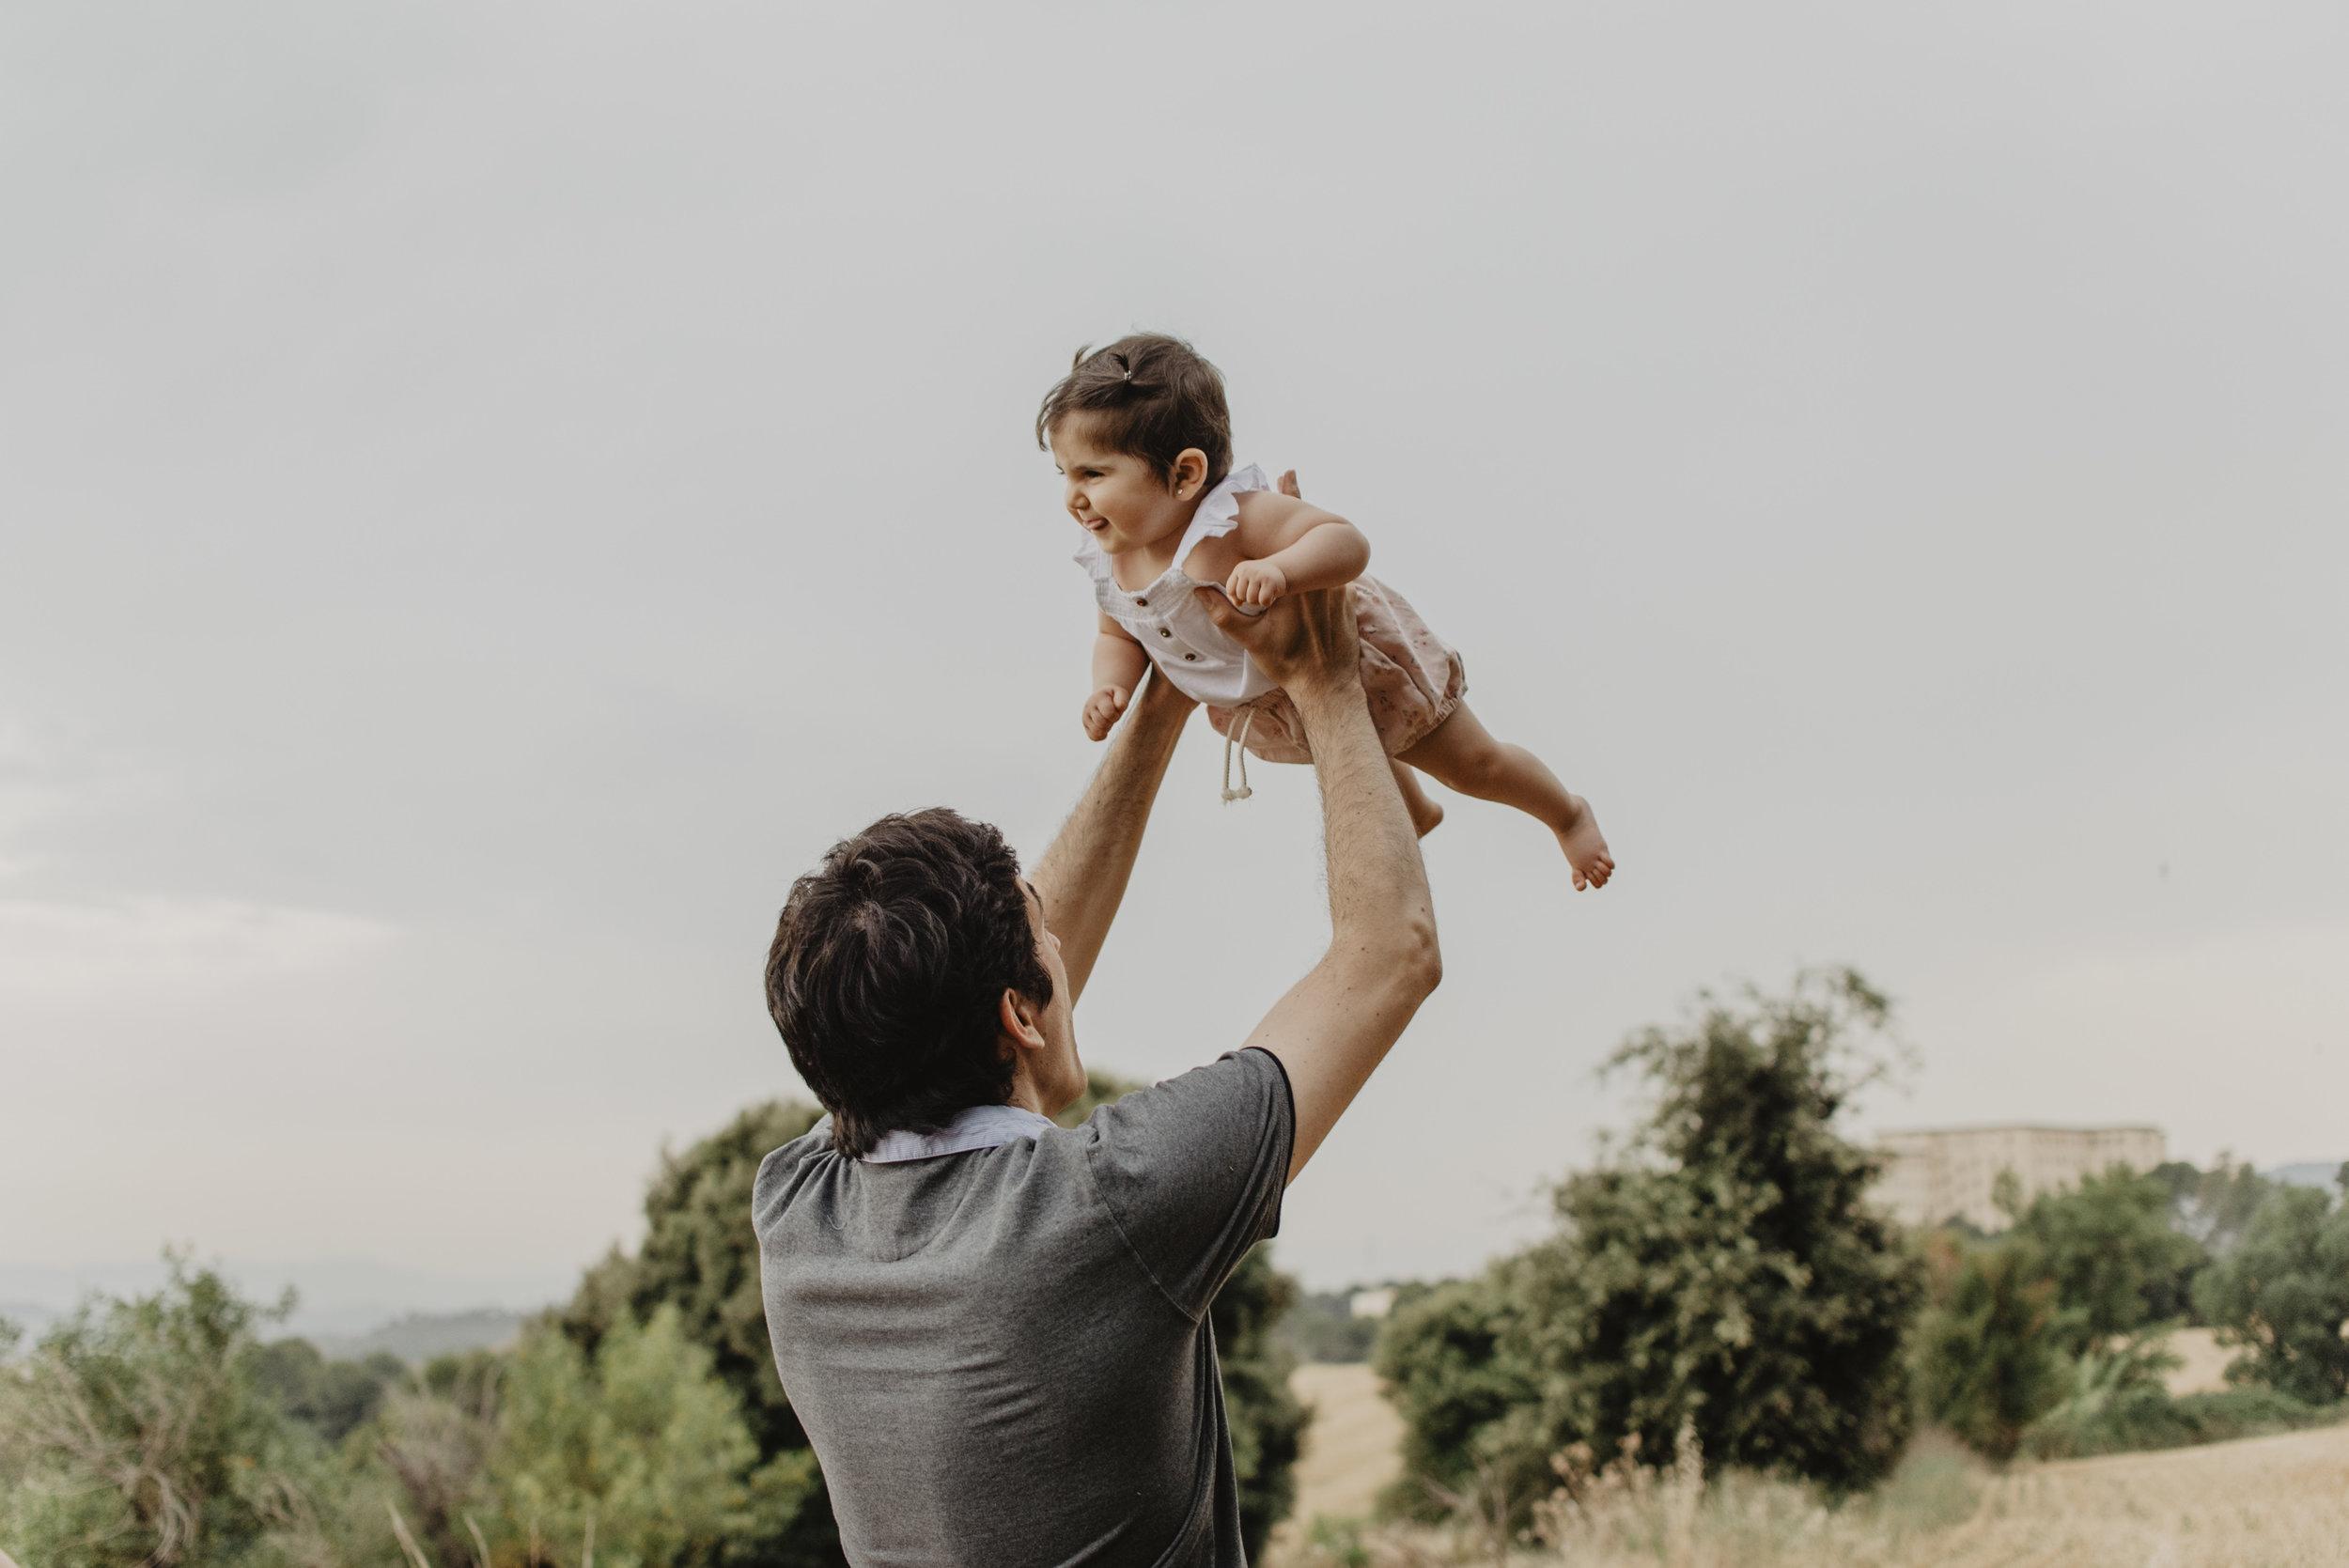 familia-reportatge-fotos-catalunya-terrassa-bessones-mellizas-mia-moments-photo-fotografia-familiar-exterior-01.jpg